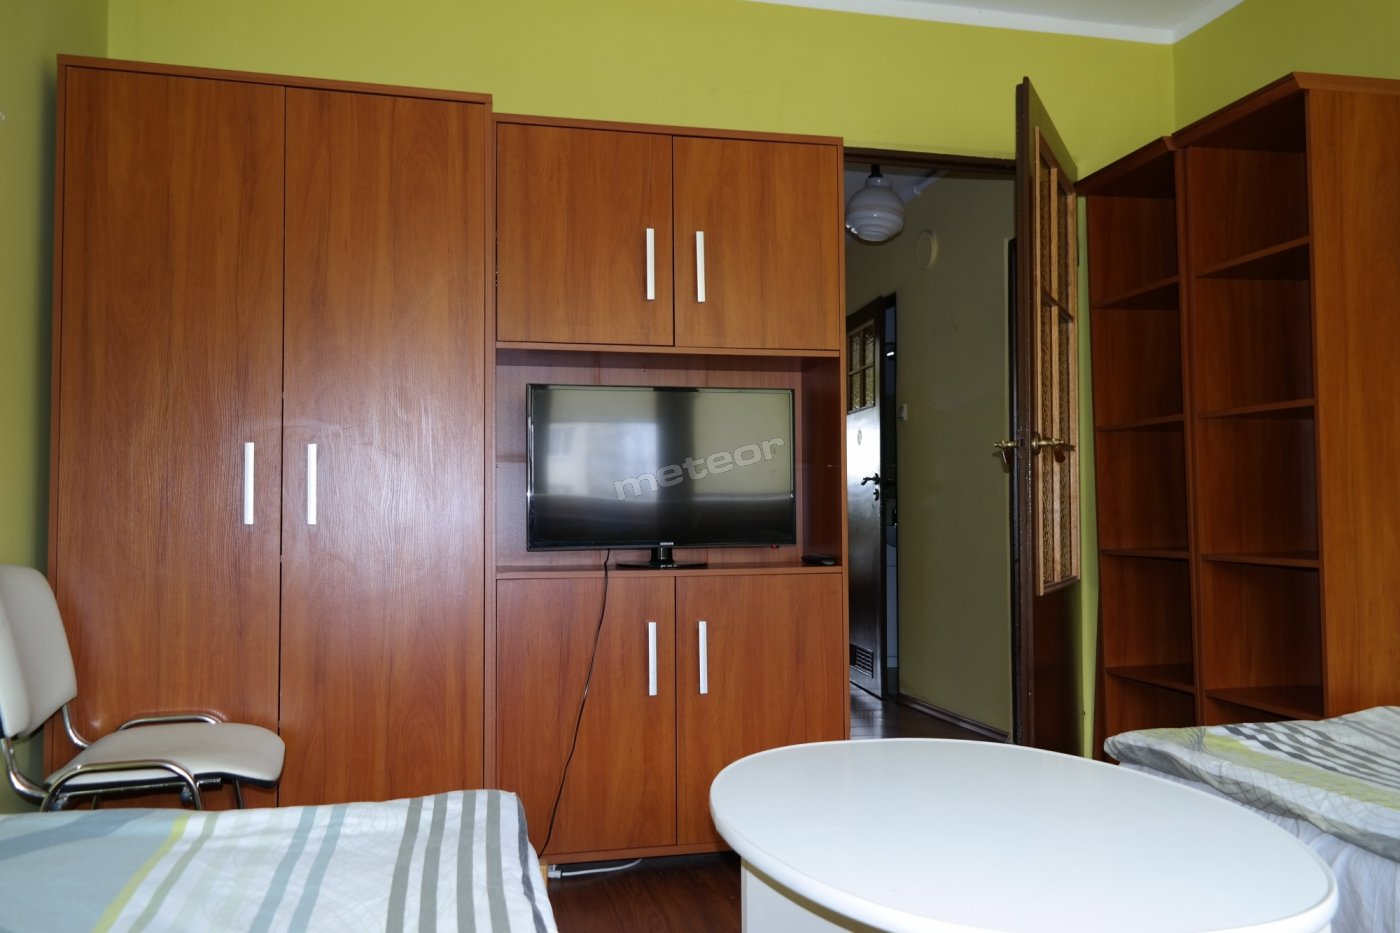 Mieszkanie 1 - ul. Ruska, pokój 2-osobowy